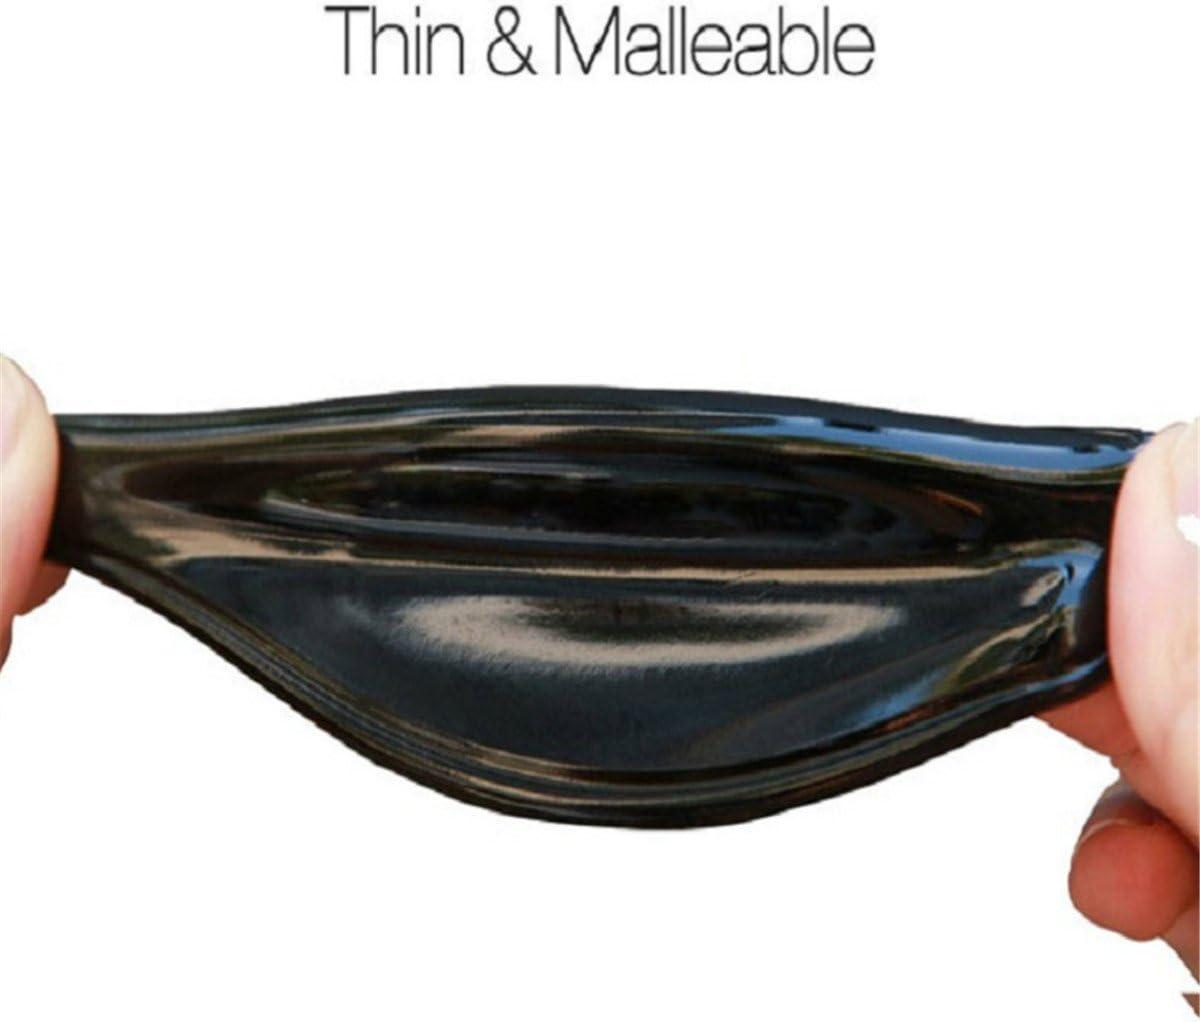 bottiglia Trasparente Triangolo Cell Pas chiavi pad Essort Supporto antisdrucciolevole Dash MatCar Dashboard Stick appiccicoso Tappetino antiscivolo GEL per cellulare